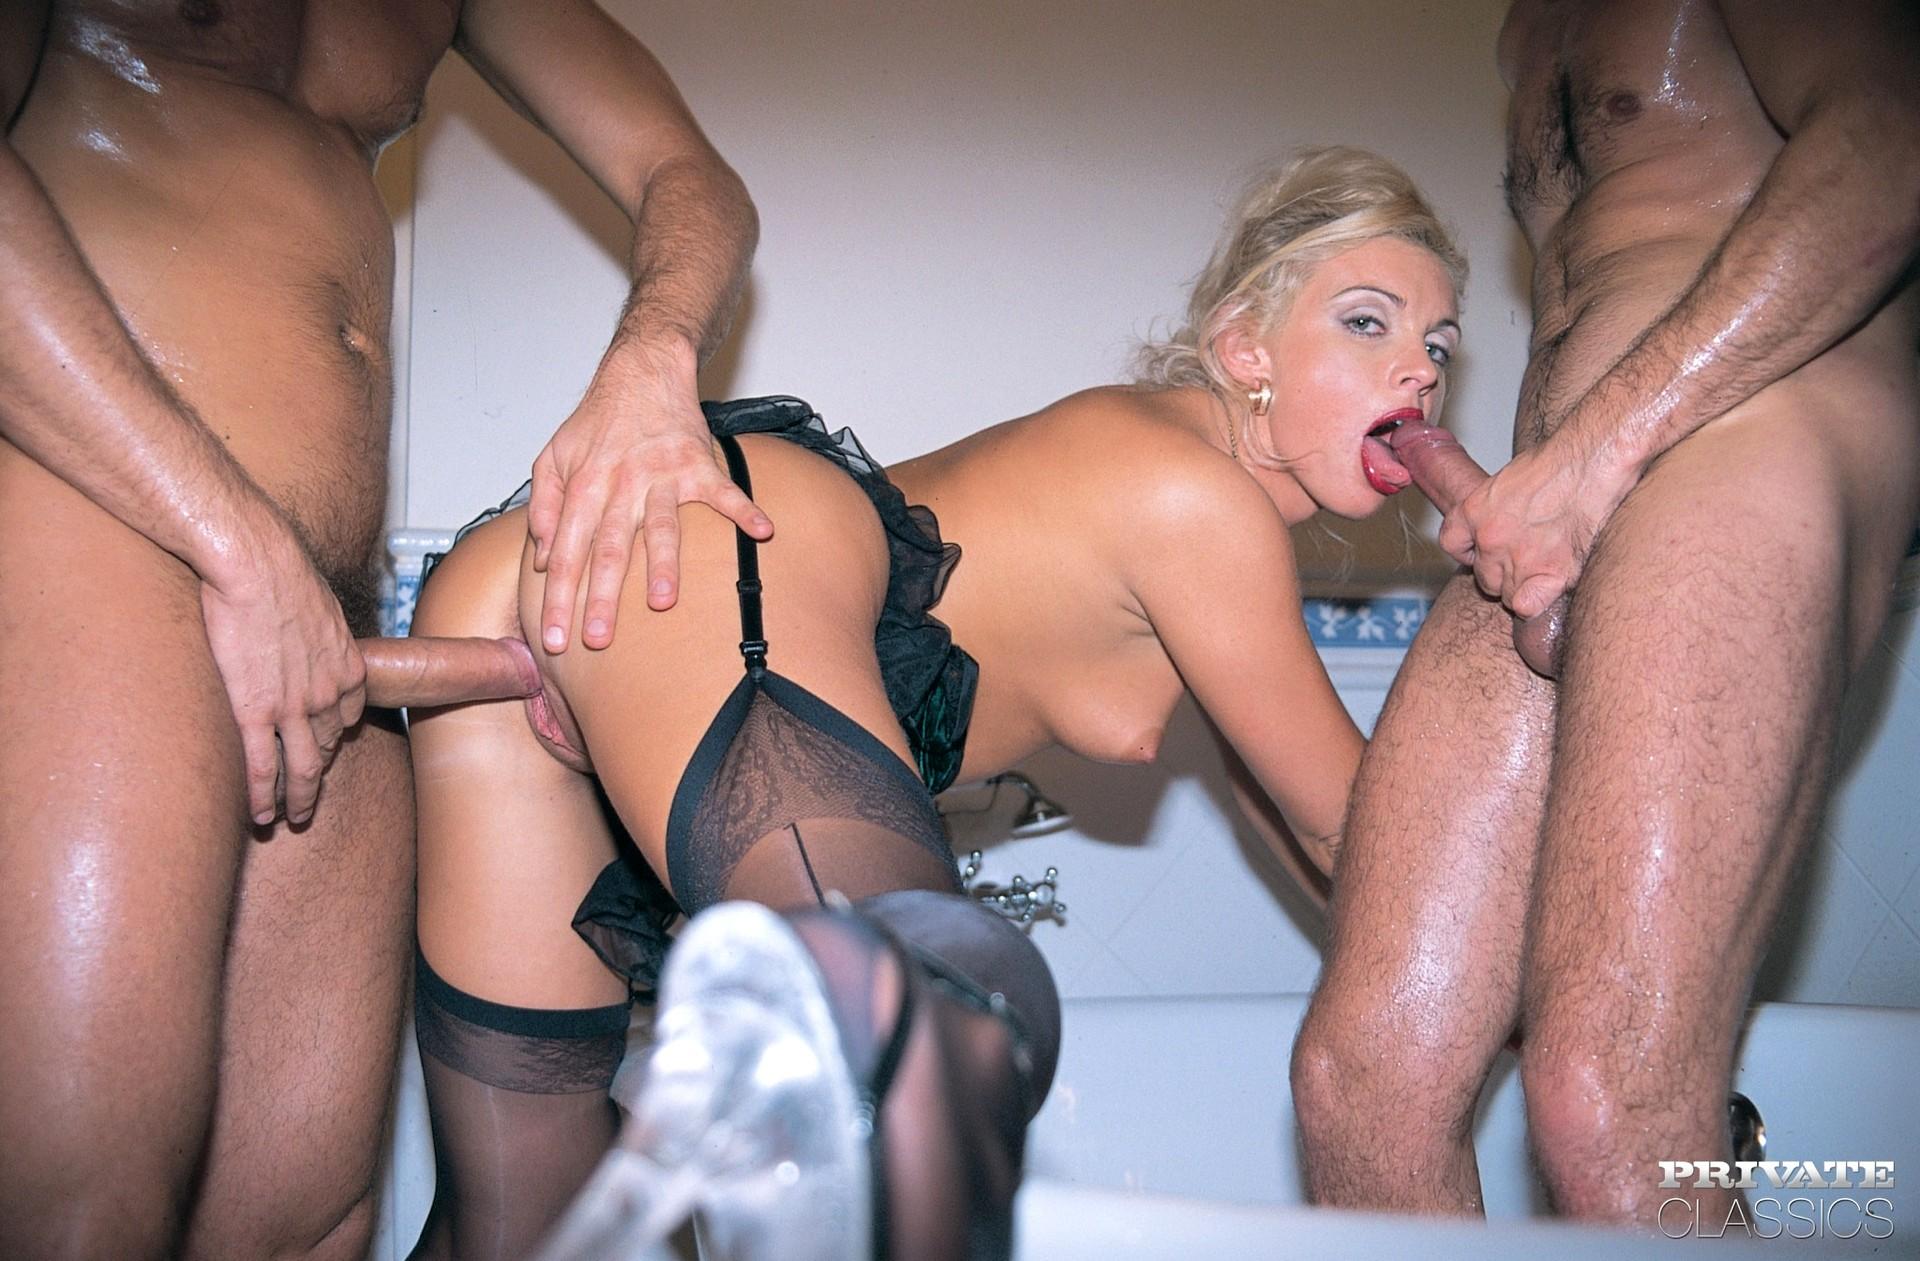 Сильвия сэйнт порно, Silvia saint HD Porno, в хорошем качестве 1 фотография